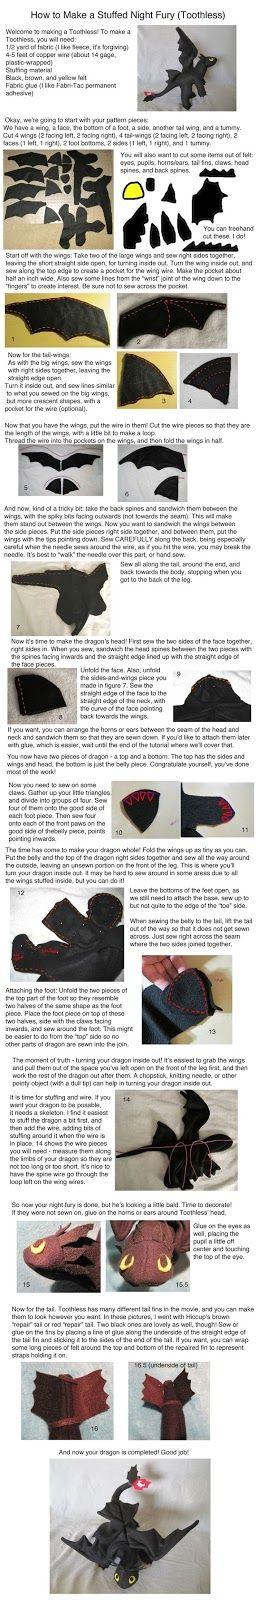 Blog do passo a passo: Como treinar seu dragão - FÚRIA DA NOITE, o famoso BANGUELA em feltro ou tecido passo a passo diy moldes